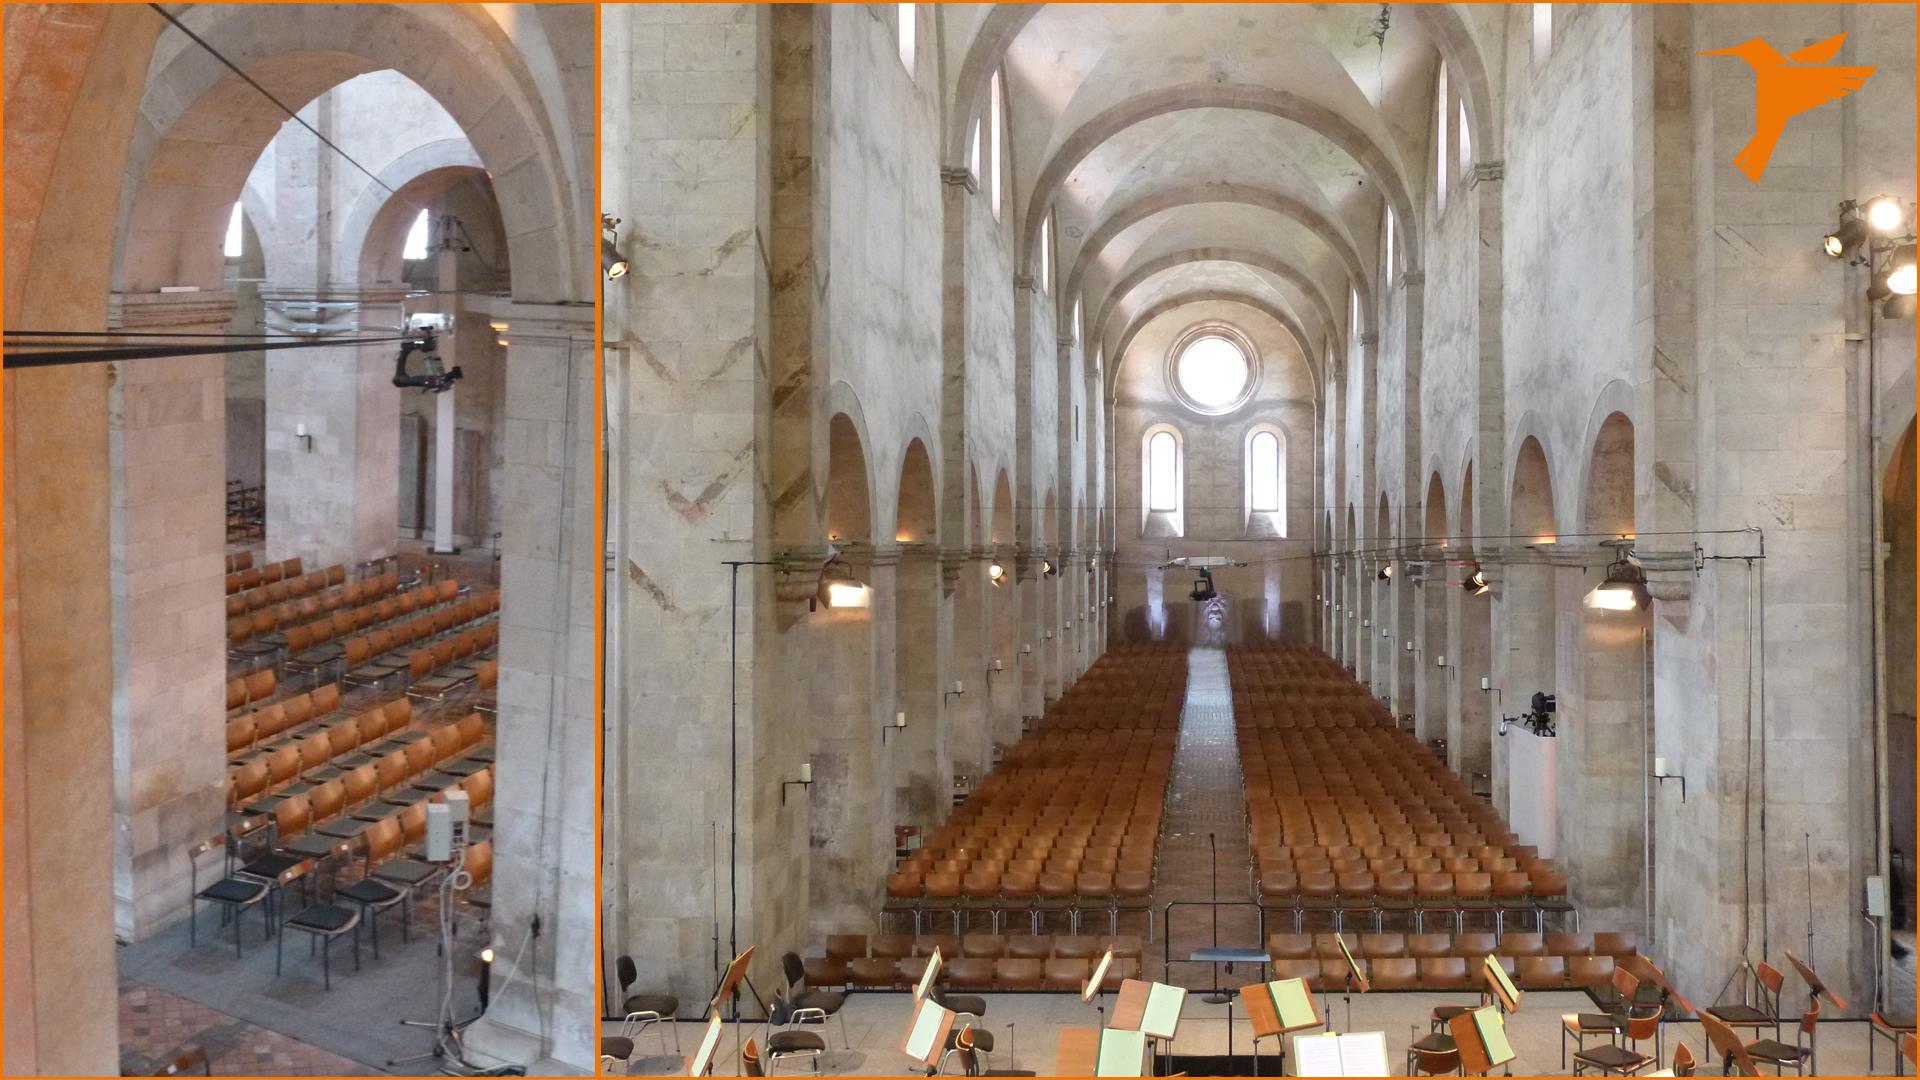 Kloster Eberbach, Rheingau Musik Festival, RMF, Basilika, Etville, hr, Hessischer Rundfunk, Colibri WireCam, cablecam, wirecam, flycam, Seilkamera, Kameraseilbahn,